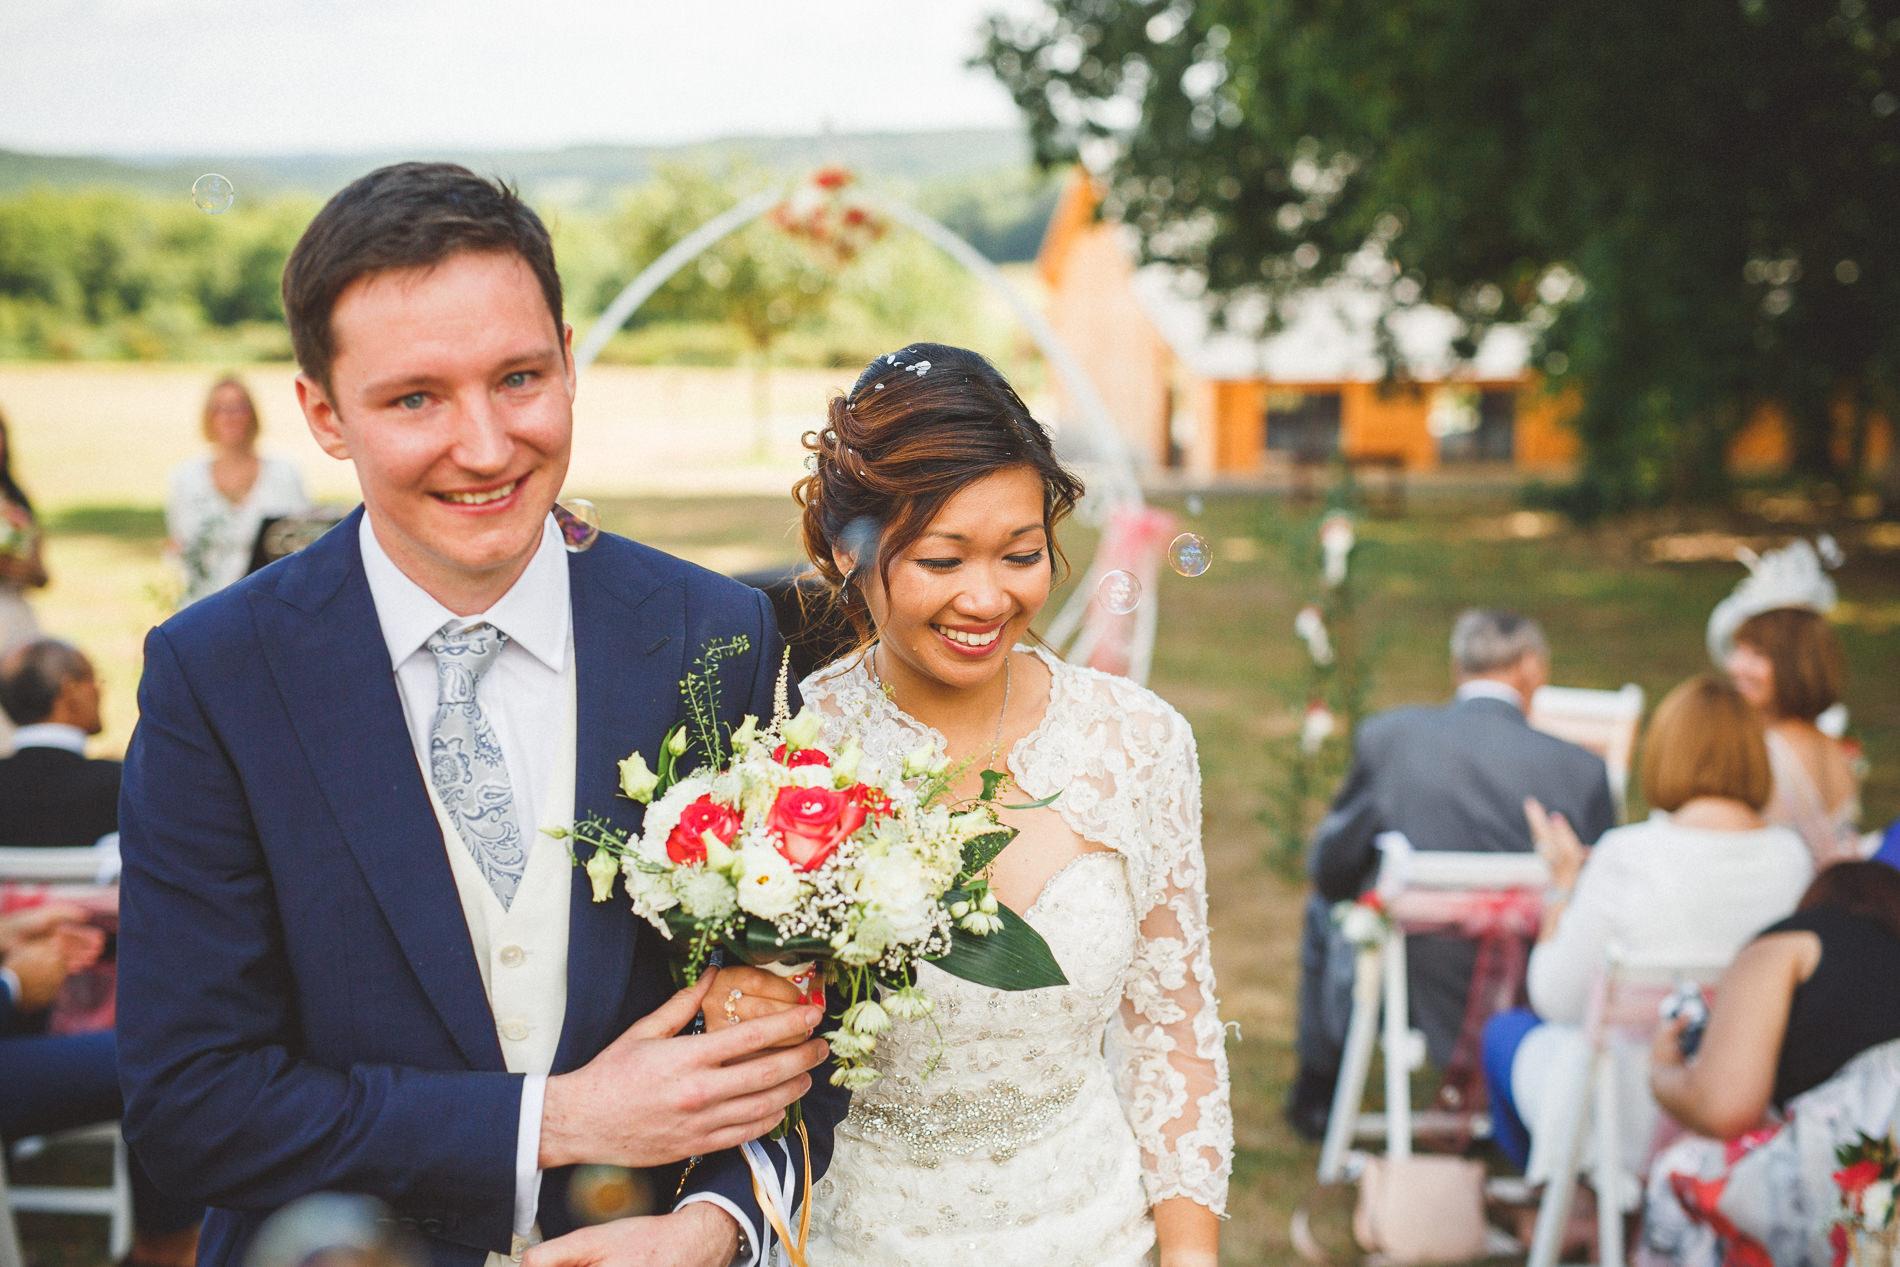 votre wedding planner en Bretagne a imaginé un mariage à bulles chic et romantique